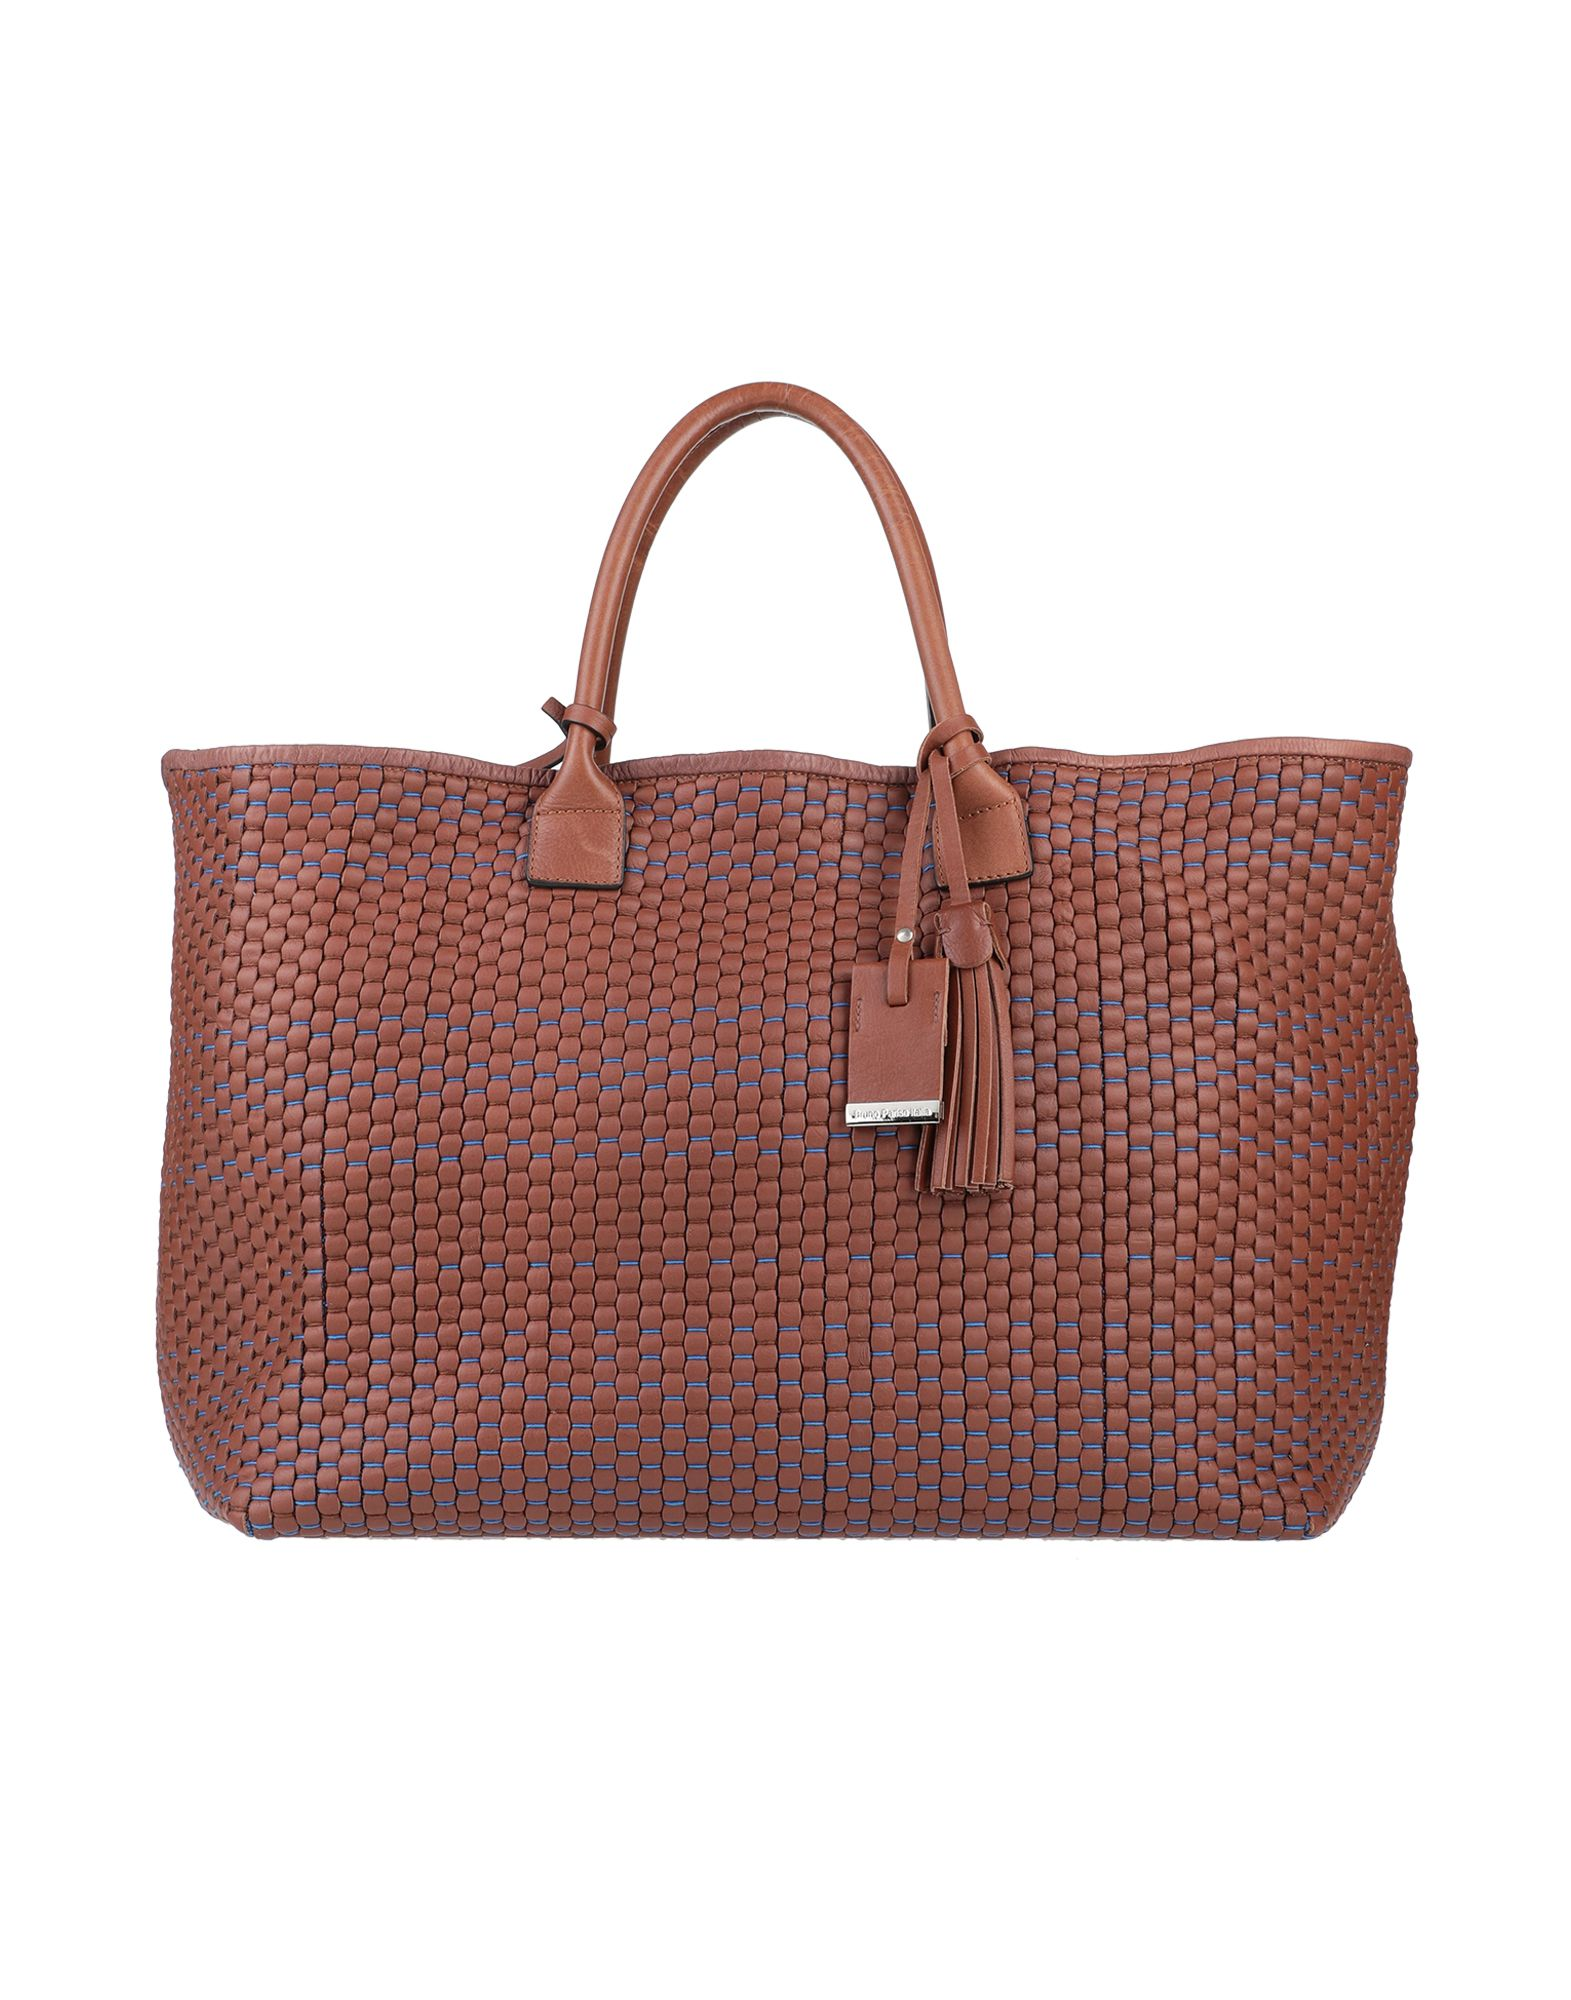 BRUNO PARISE ITALIA Сумка на руку сумка bruno rossi ml18p nero